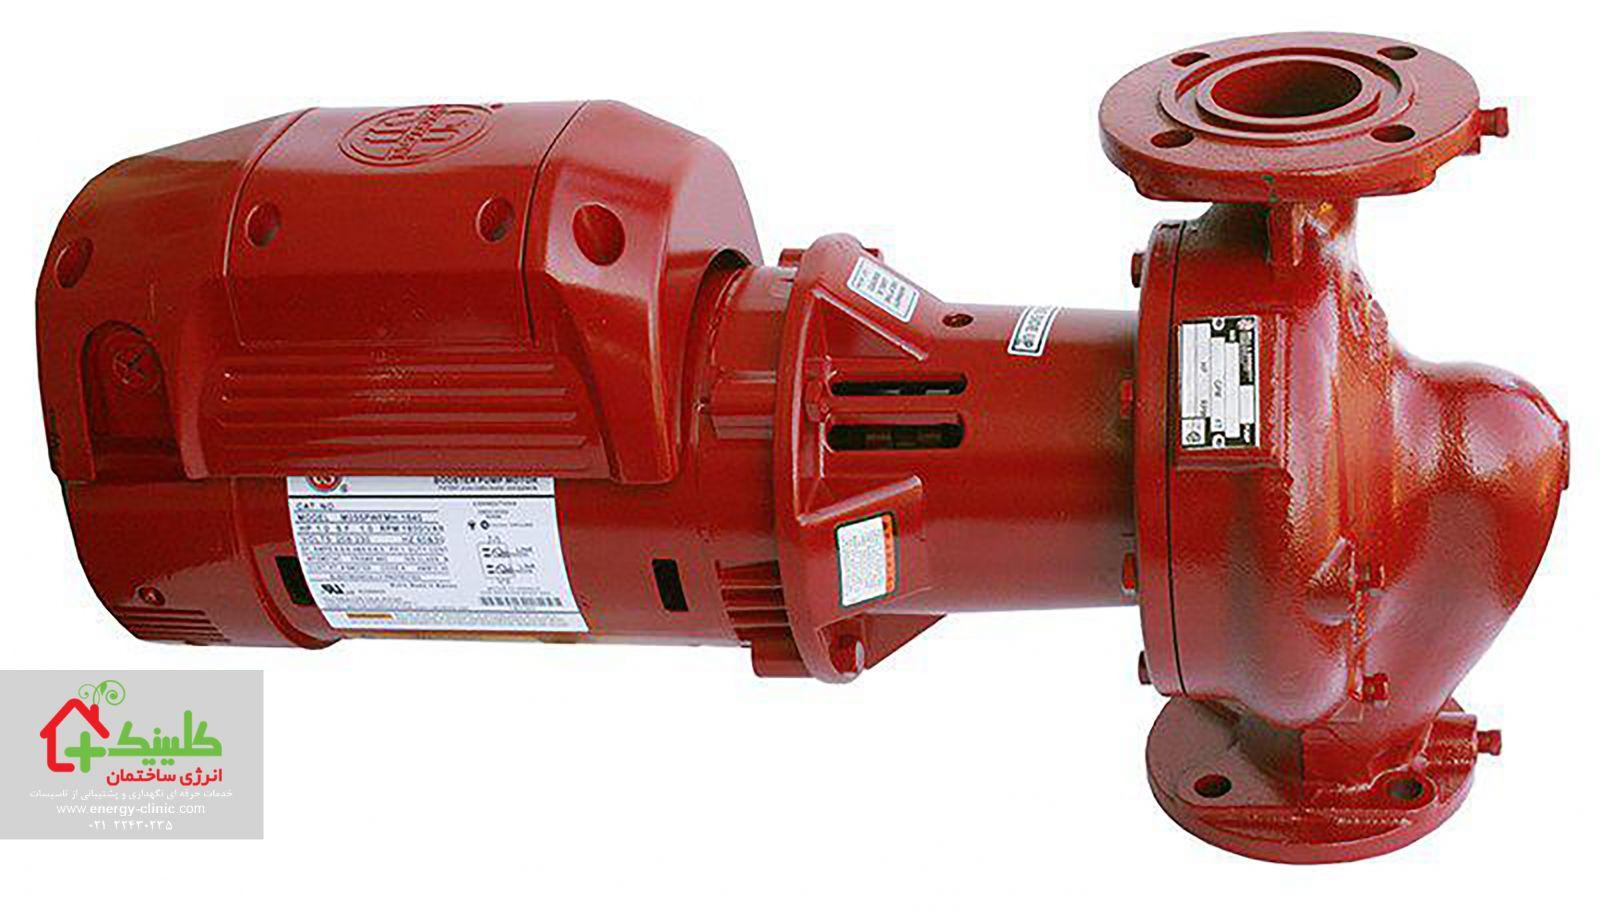 سیستم گرمایش مرکزی ساختمان تصویر یک دستگاه پمپ خطی موتورخانه